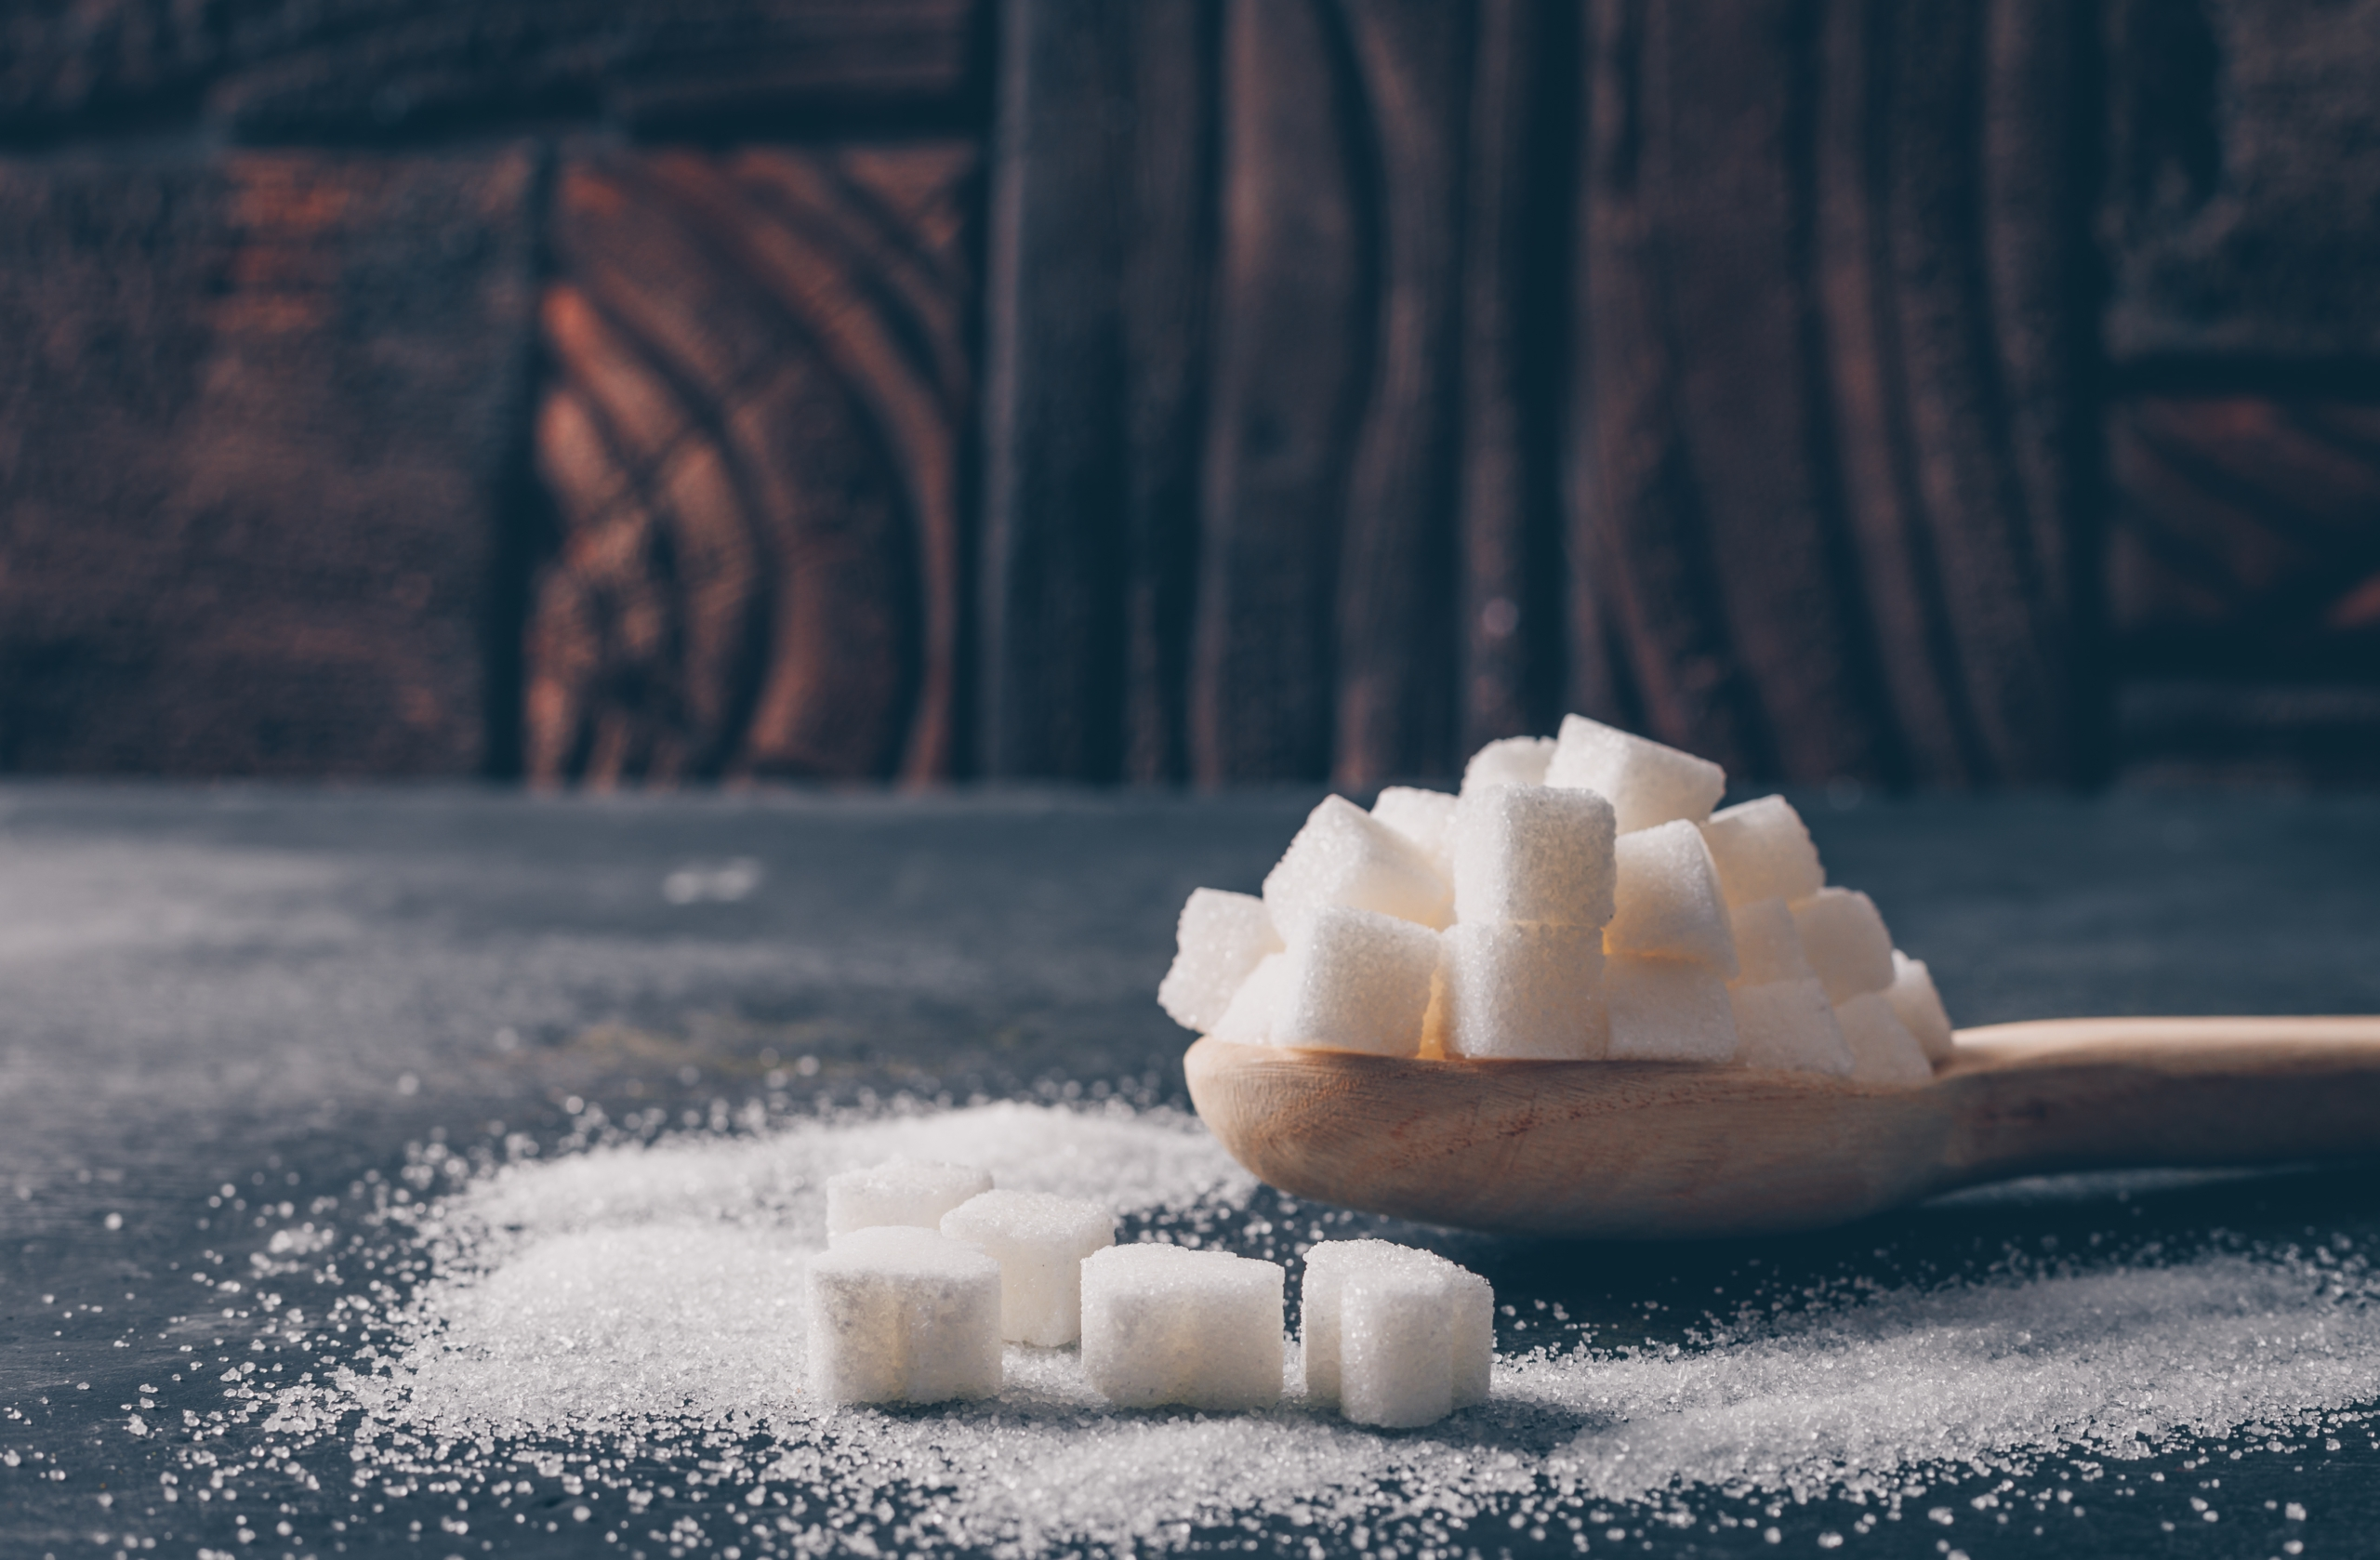 Geraffineerde suiker en ongeraffineerde suiker